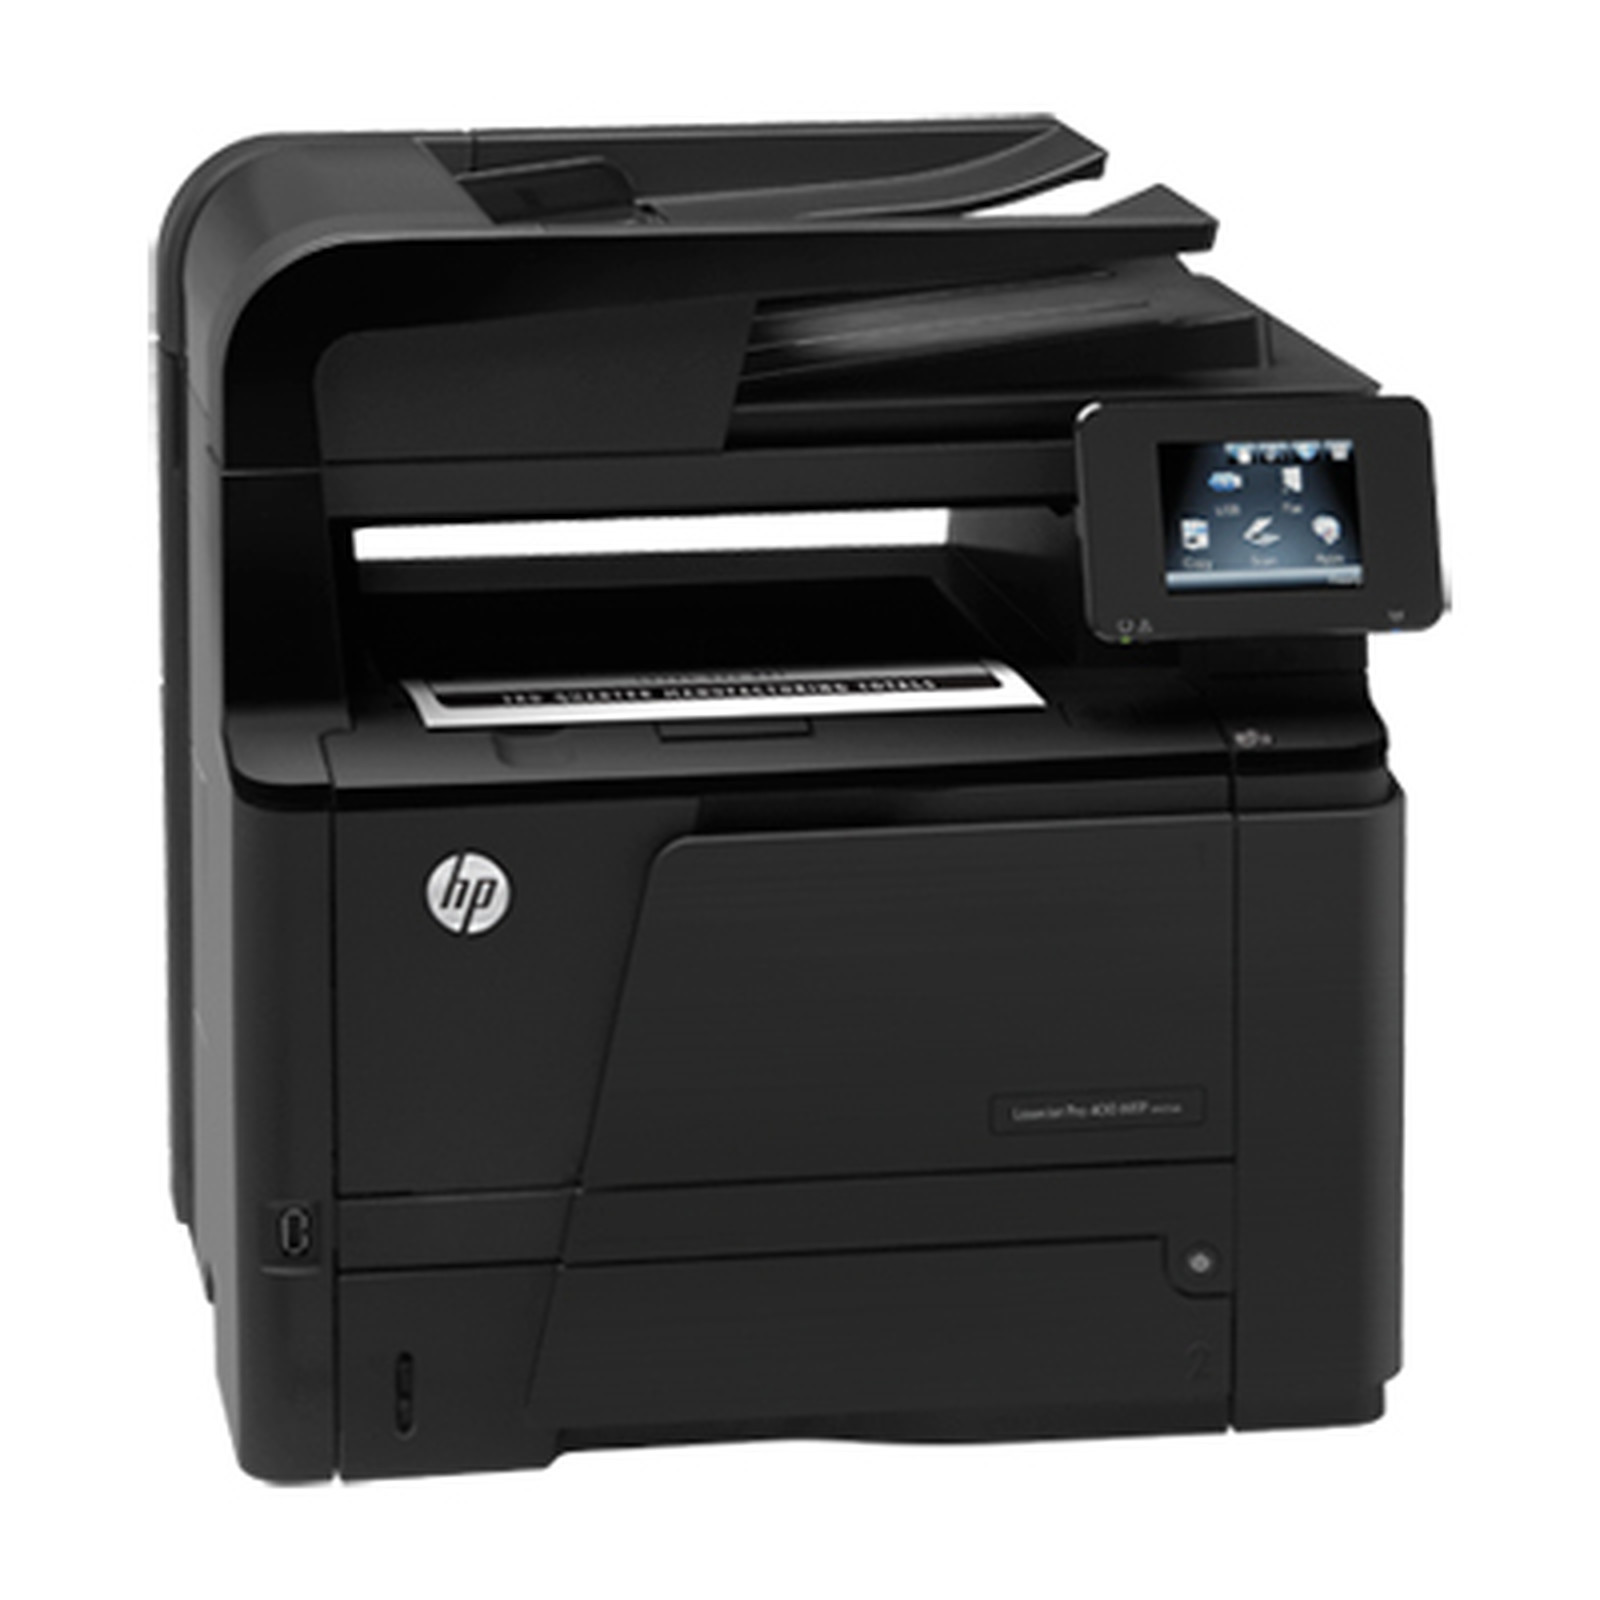 HP LaserJet Pro 400 MFP M425dn (CF286A)